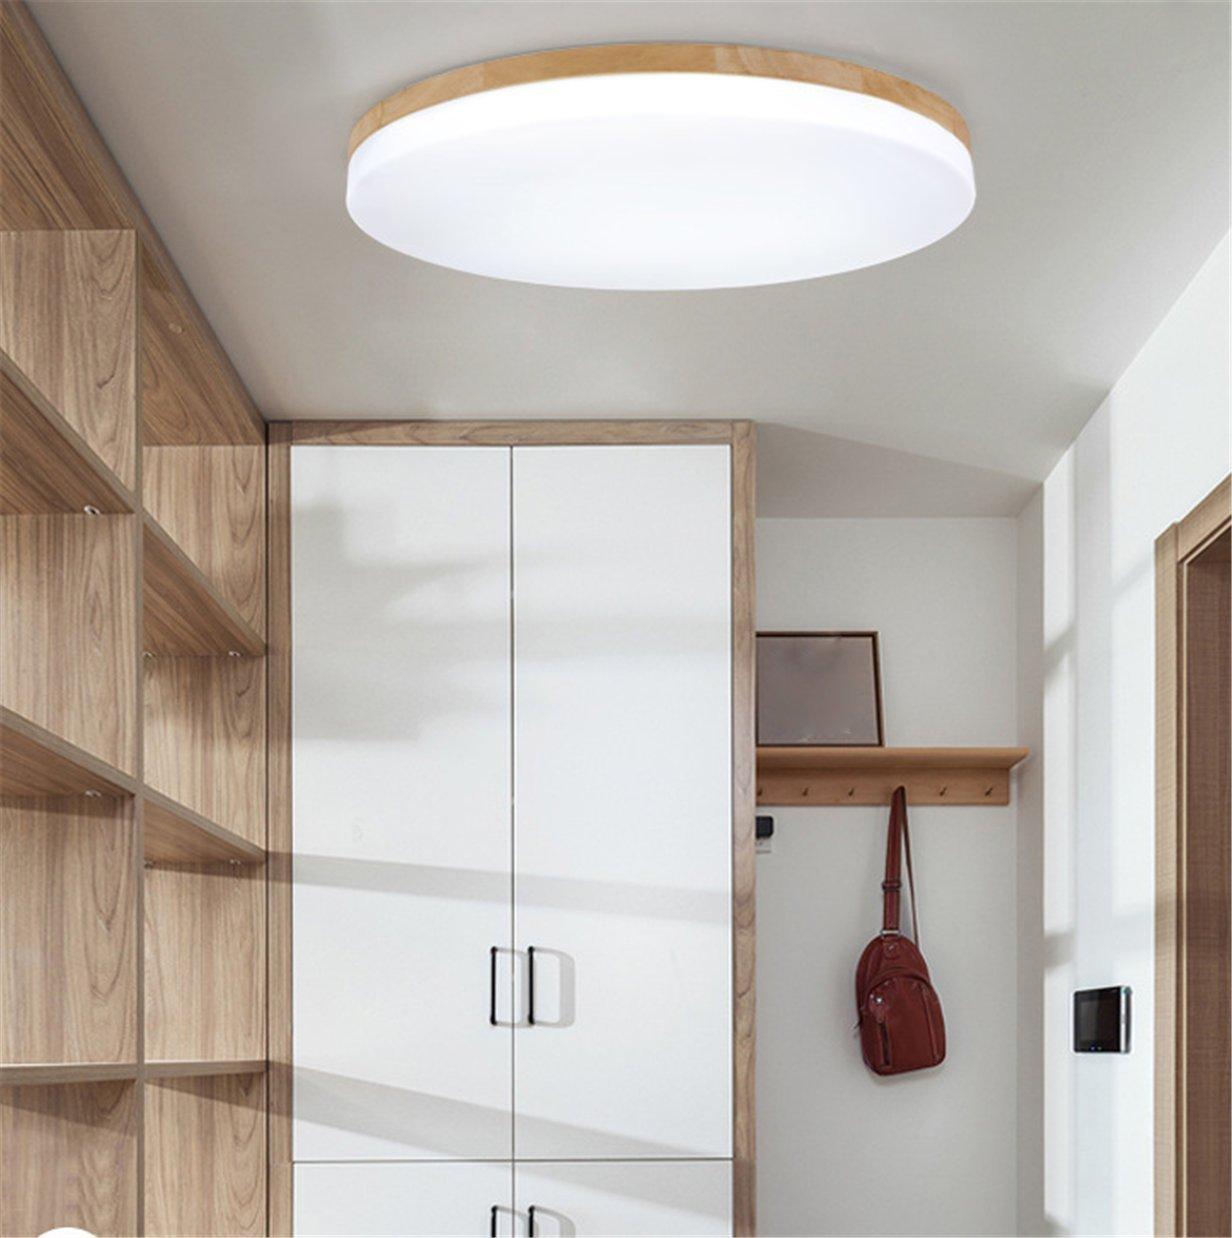 Sjun Deckenleuchte Holz Wohnzimmer Deckenlampe Lampe Rund Flach